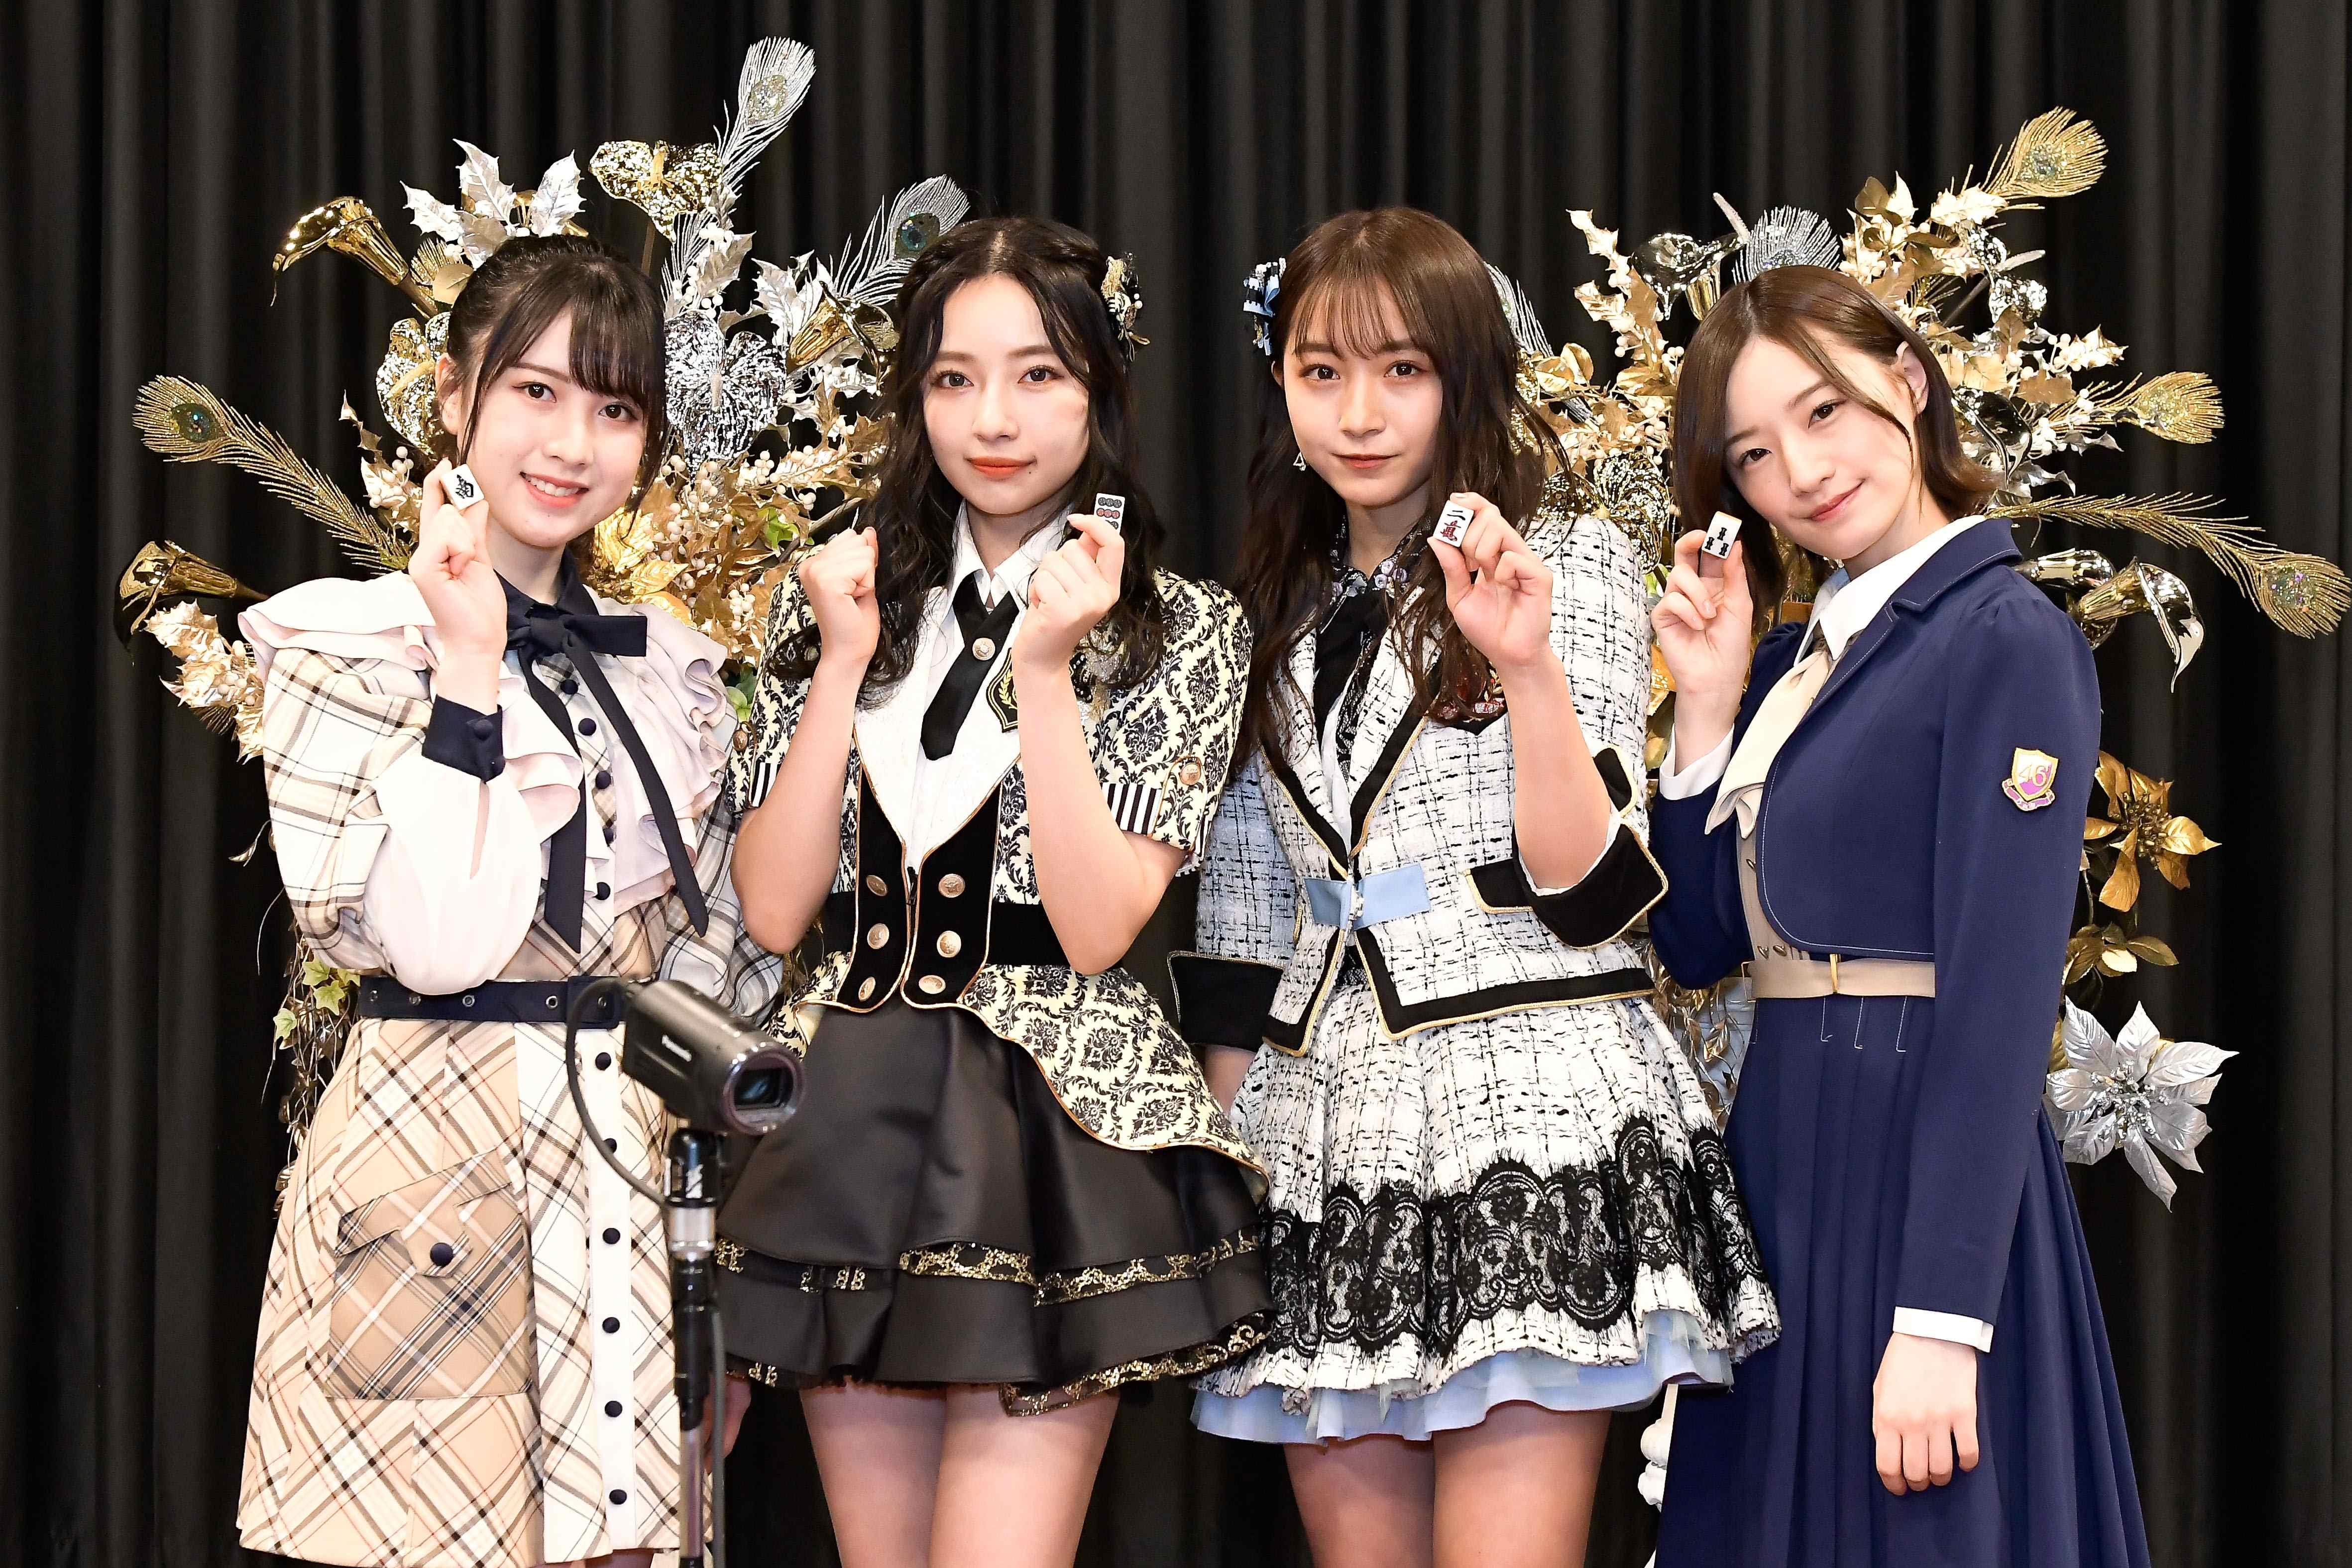 永野芹佳(AKB48)、村瀬紗英(NMB48)、山本彩加(NMB48)、中田花奈(乃木坂46)